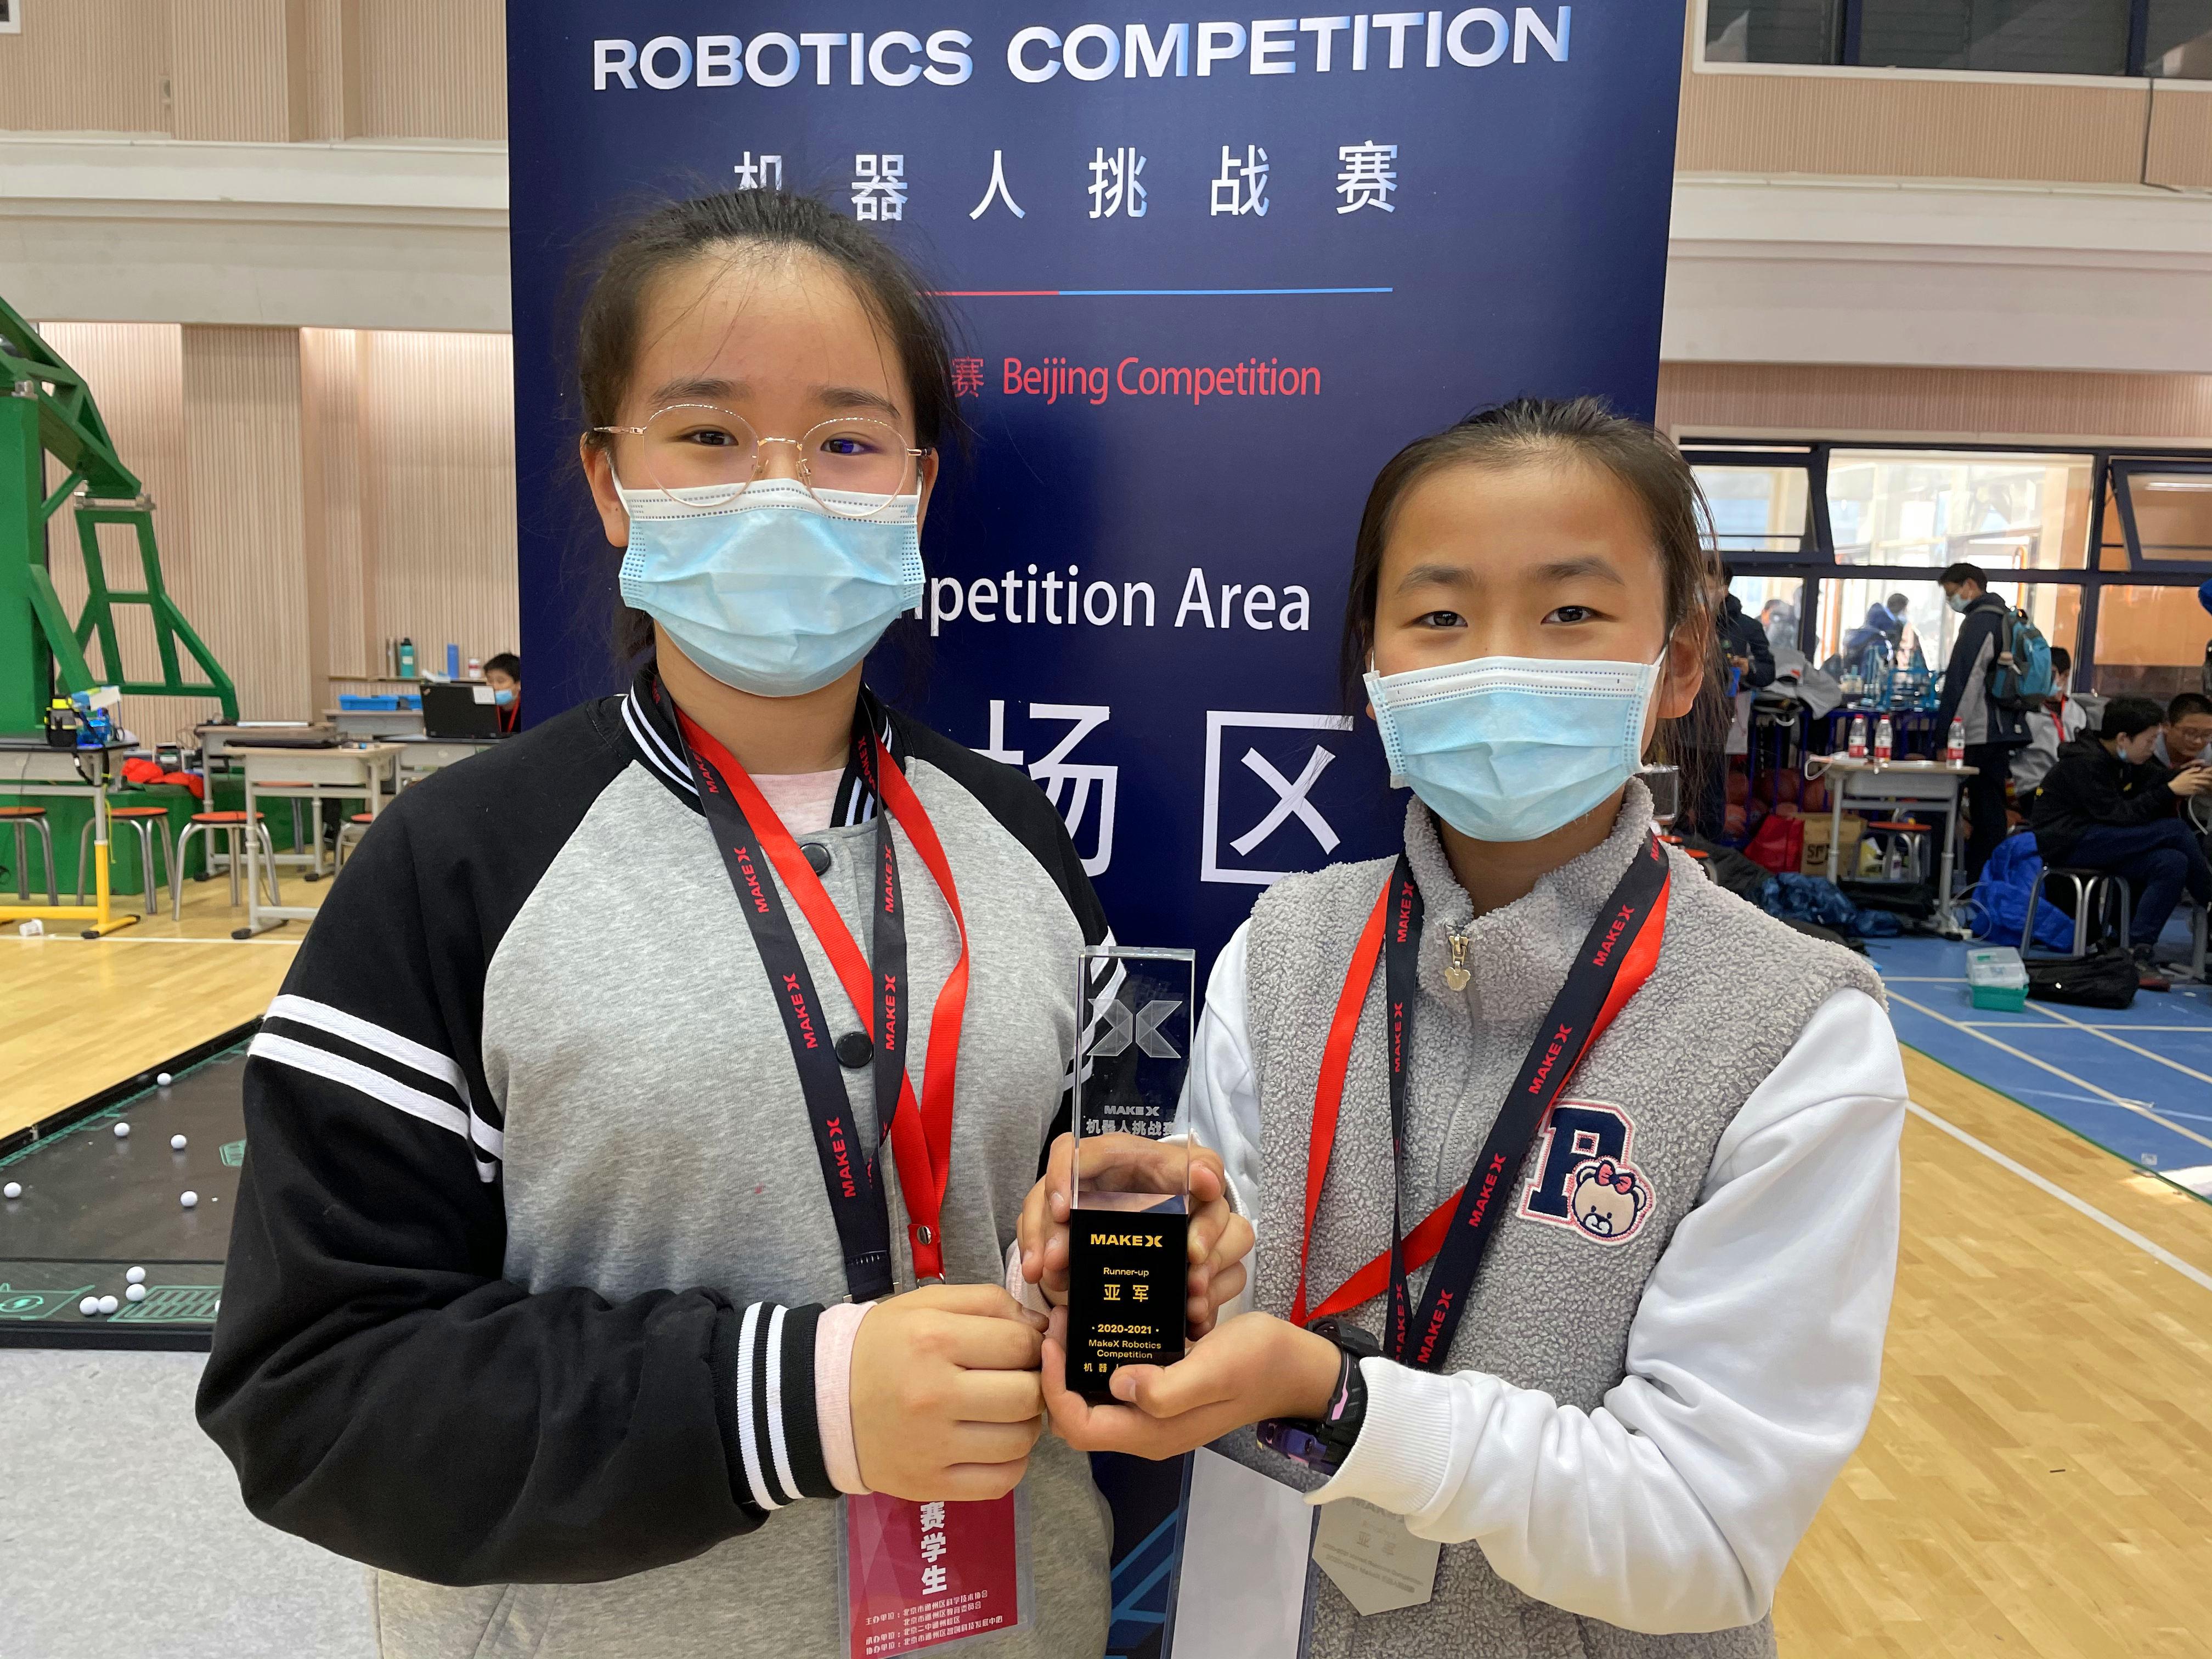 王小雅同学和王代美妍同学荣获北京市MakeX机器人挑战赛亚军.jpg